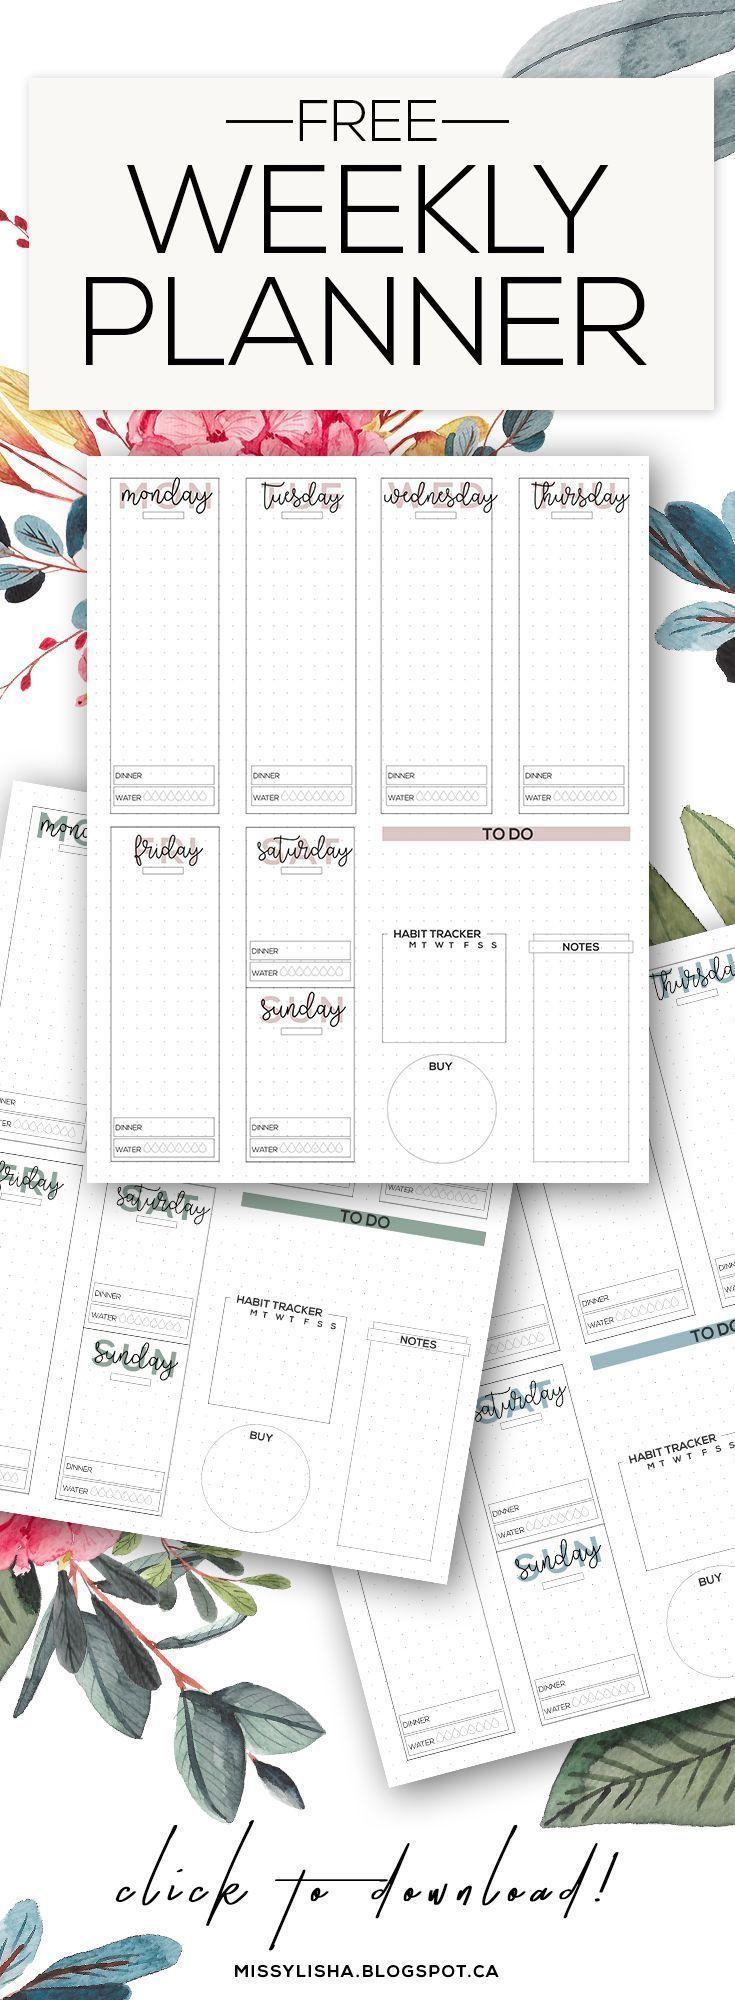 FREE Weekly Planner (Bullet Journal inspiriert!). Organisiere dein Leben, damit du produktiv sein kannst #bossbabe missylisha.blogsp ...